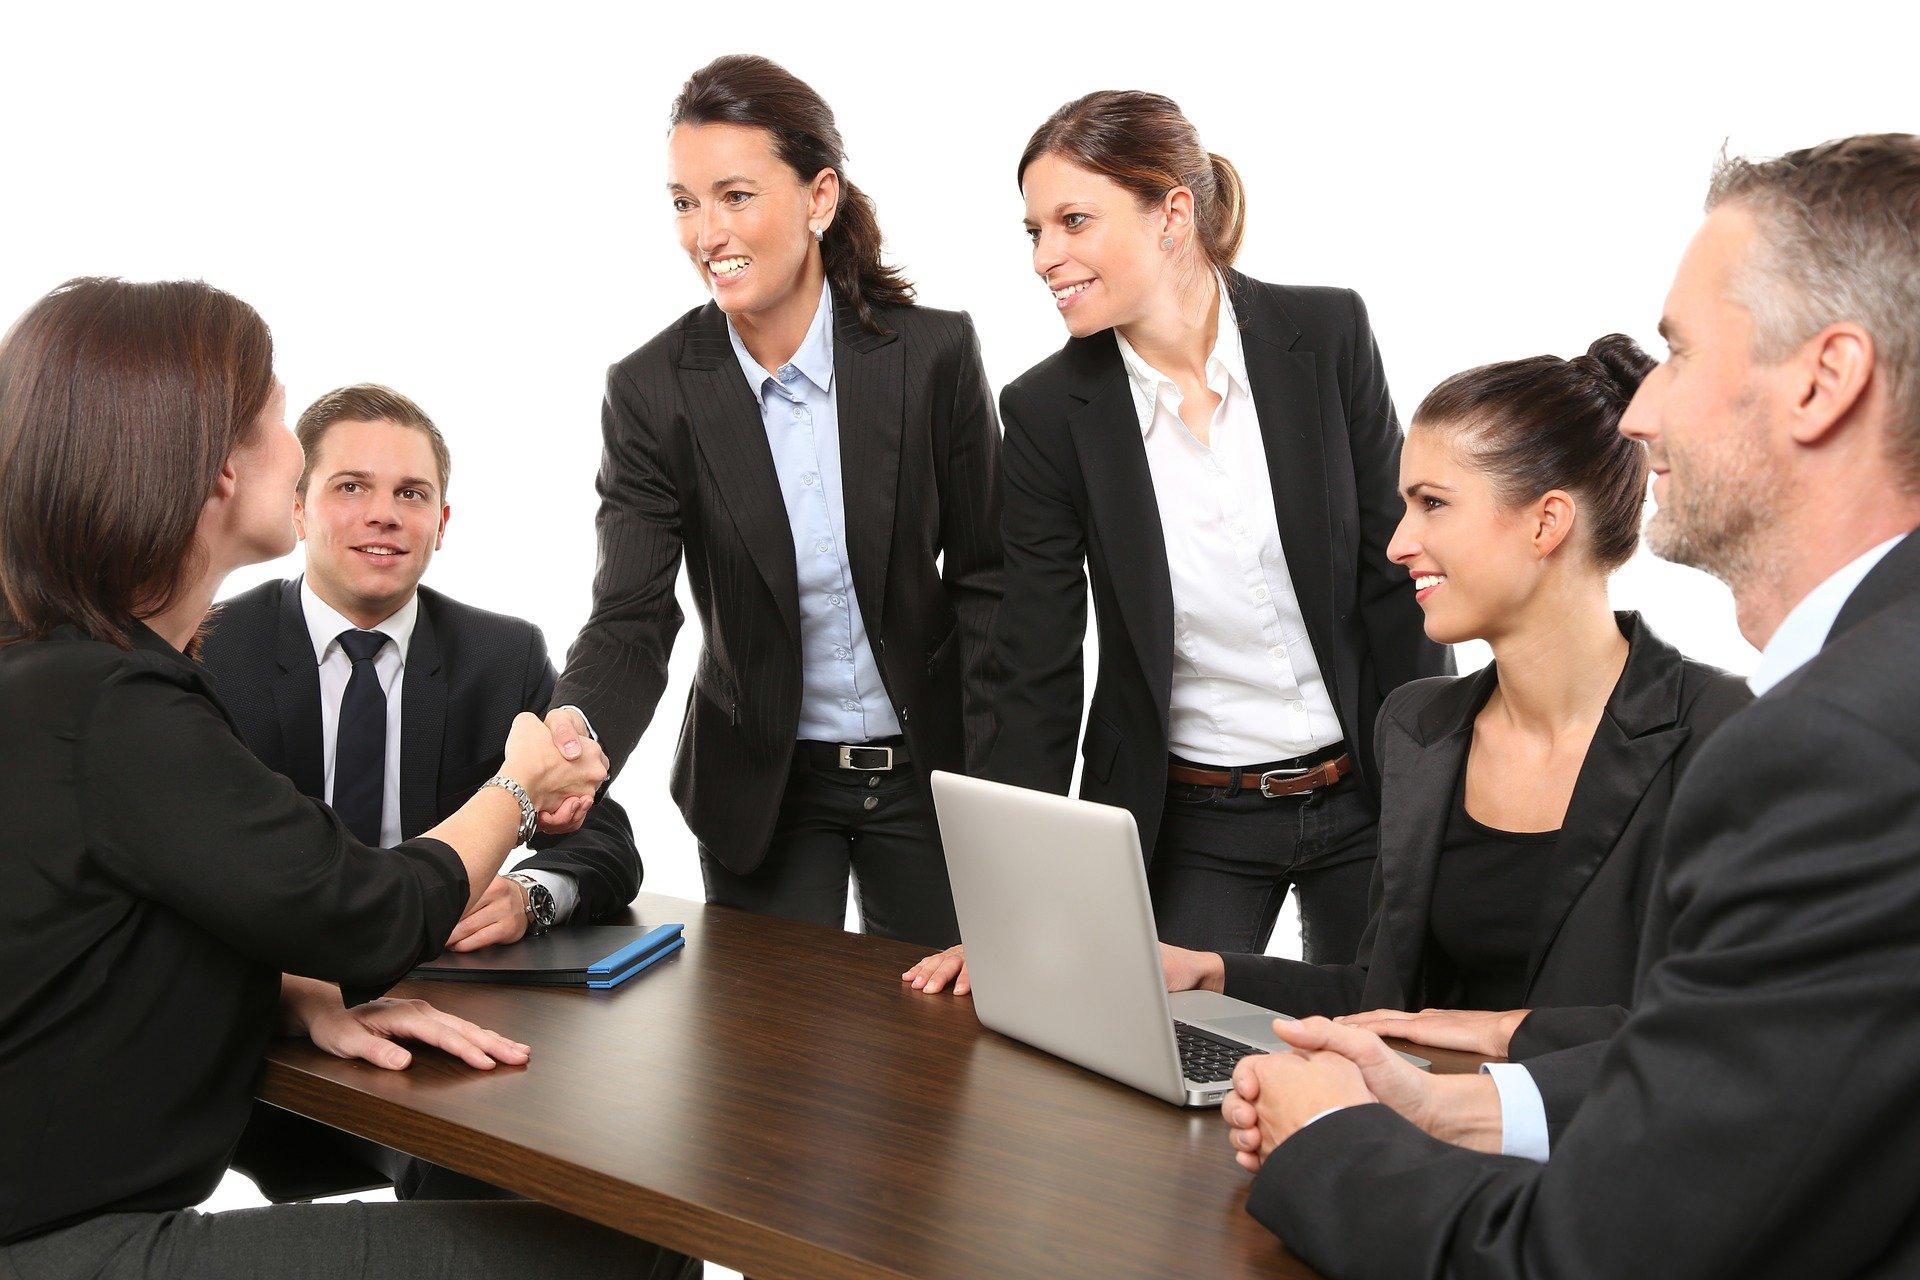 Quelles motivations pour ses employés pour un bien-être au sein de l'entreprise?